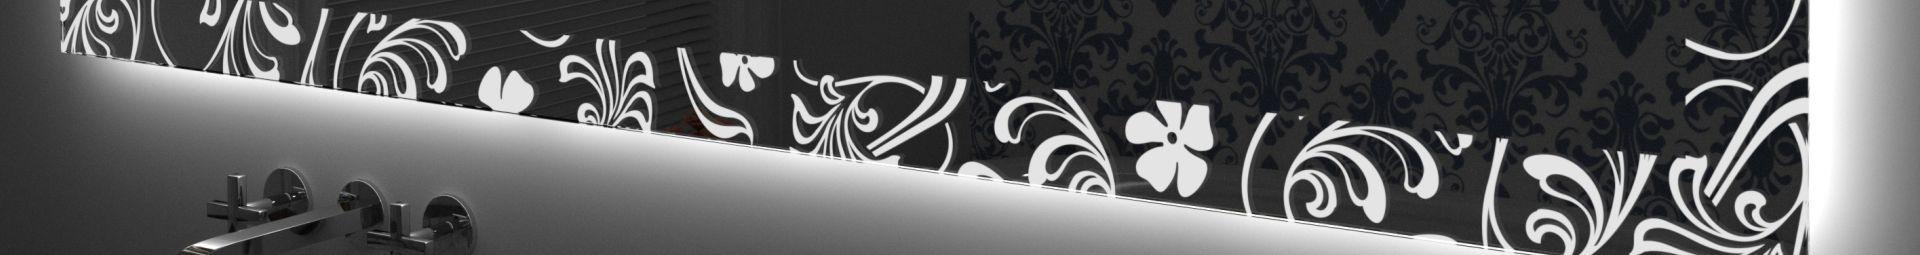 un miroir de rétro-éclairage DEL décorées